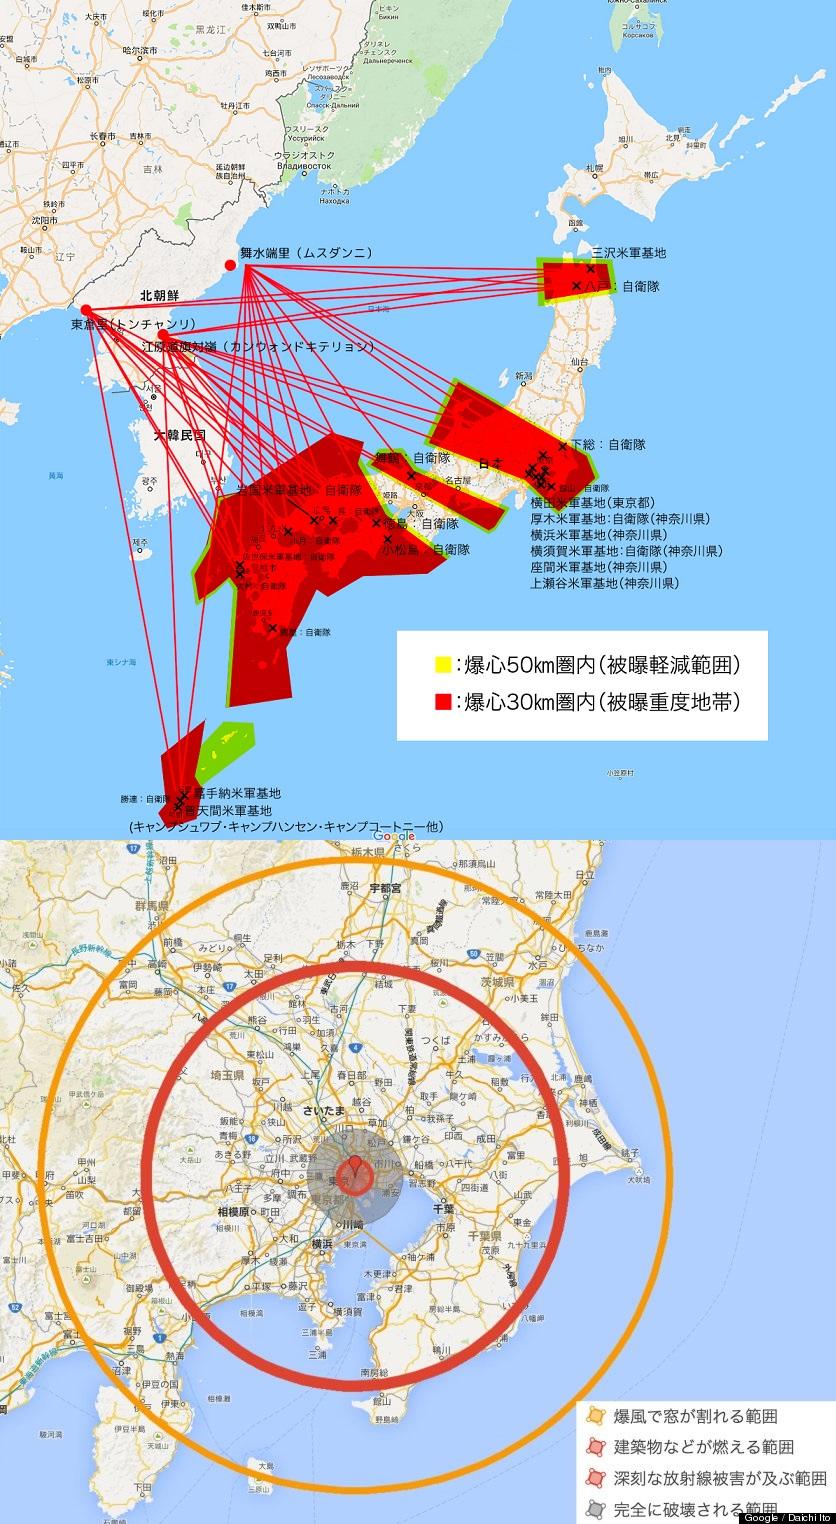 【日本\(^o^)/オワタ】北朝鮮、ICBM搭載用の水爆実験に完全成功と発表のサムネイル画像